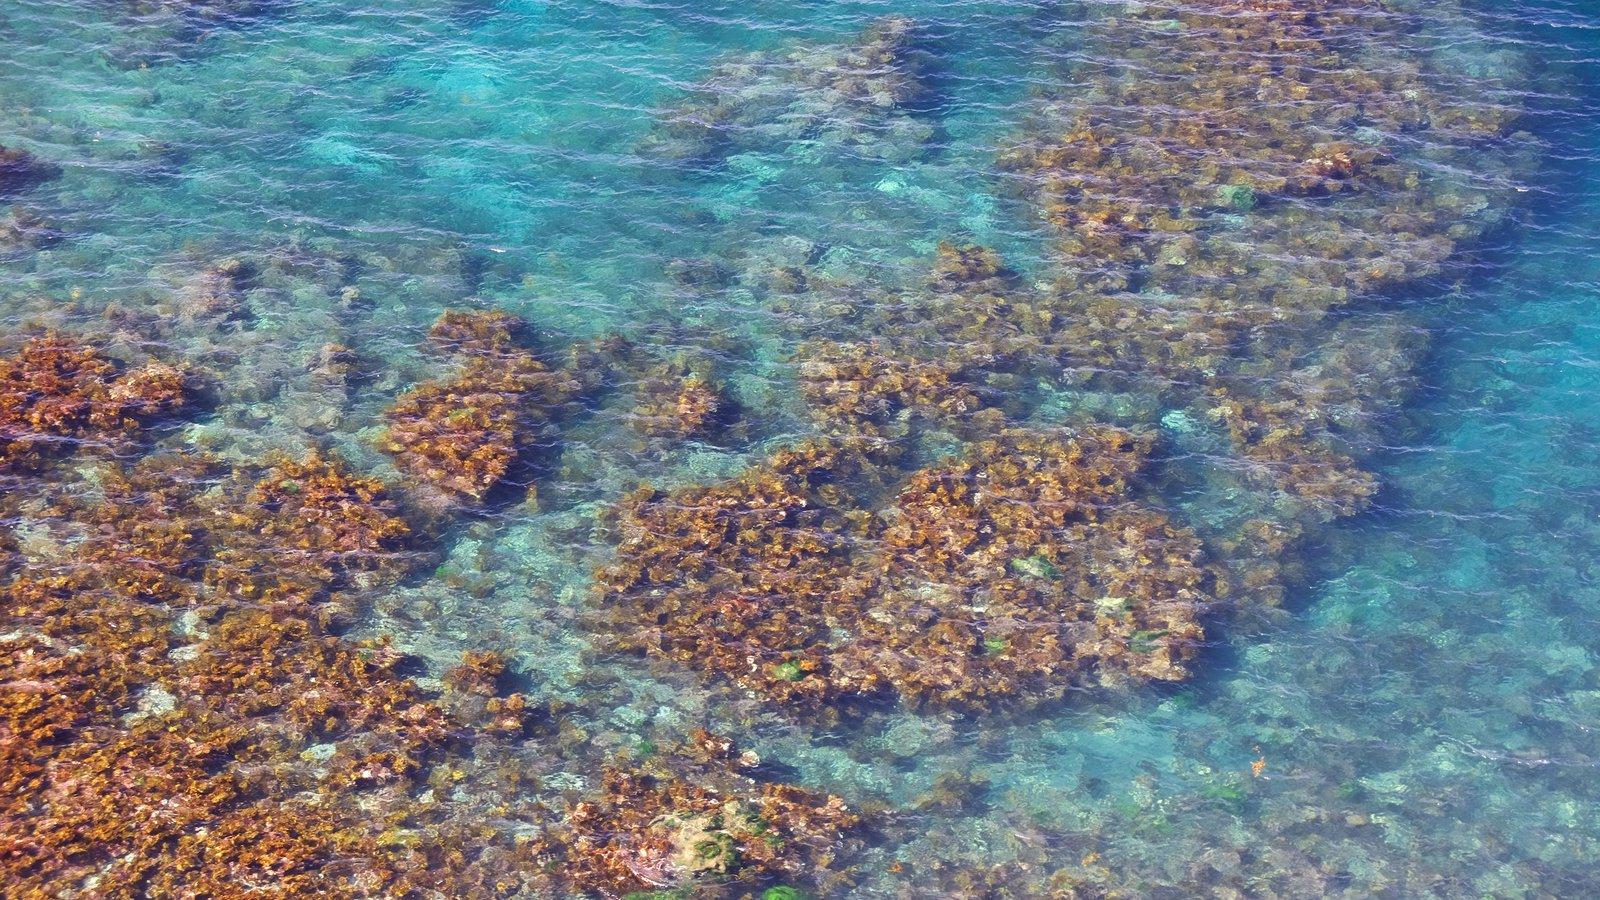 Parque Nacional de Channel Islands mostrando coral e paisagens litorâneas